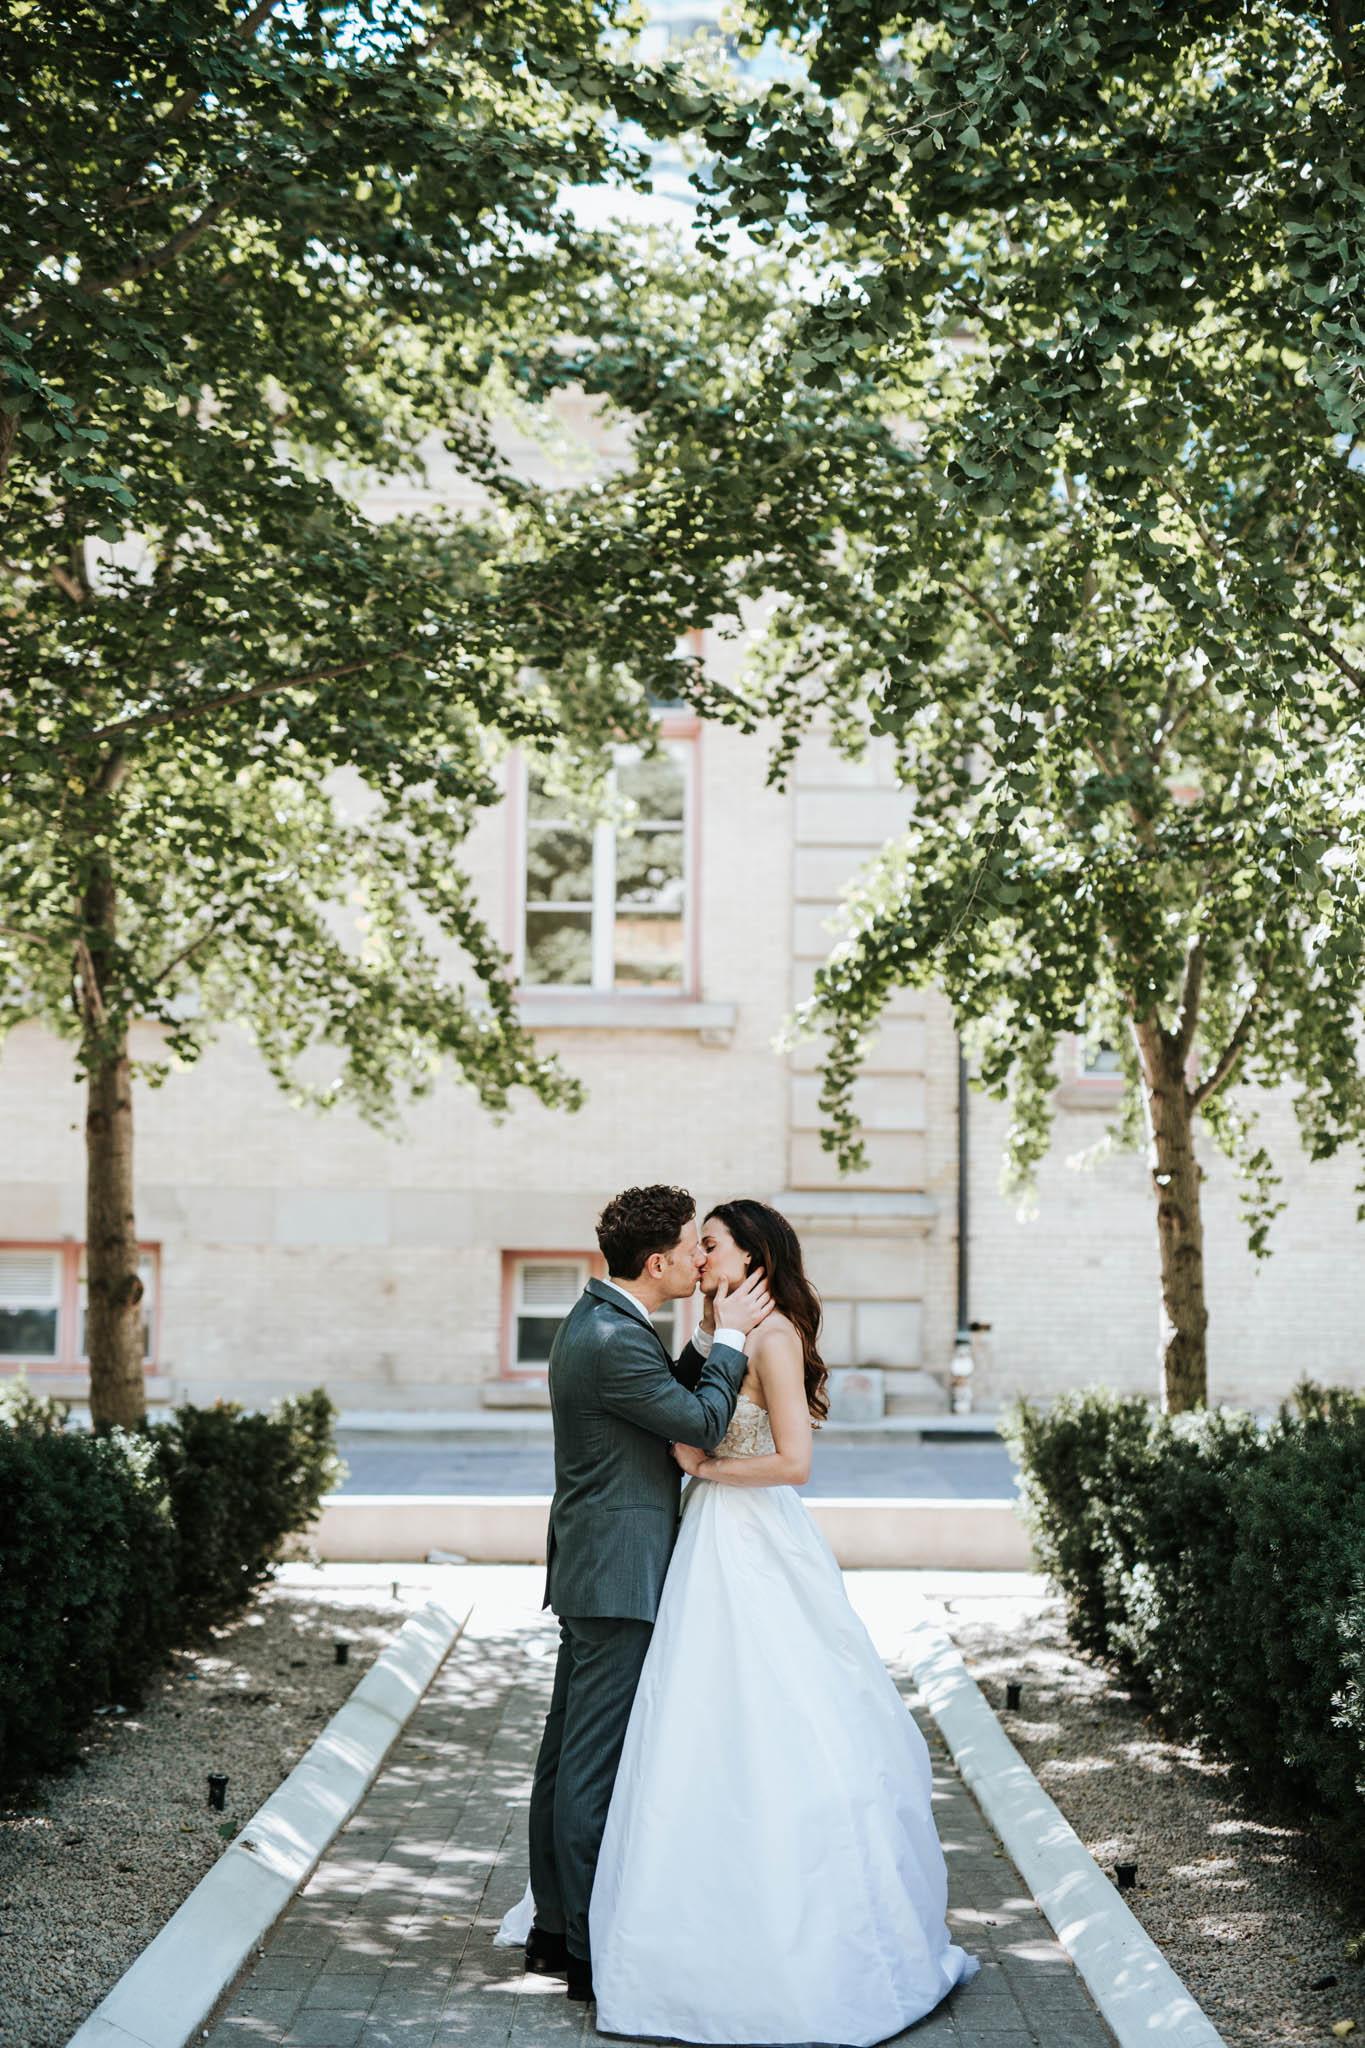 Laura Rowe Photography, Toronto Wedding, Destination Wedding Photographer, Four Seasons Wedding -59.jpg